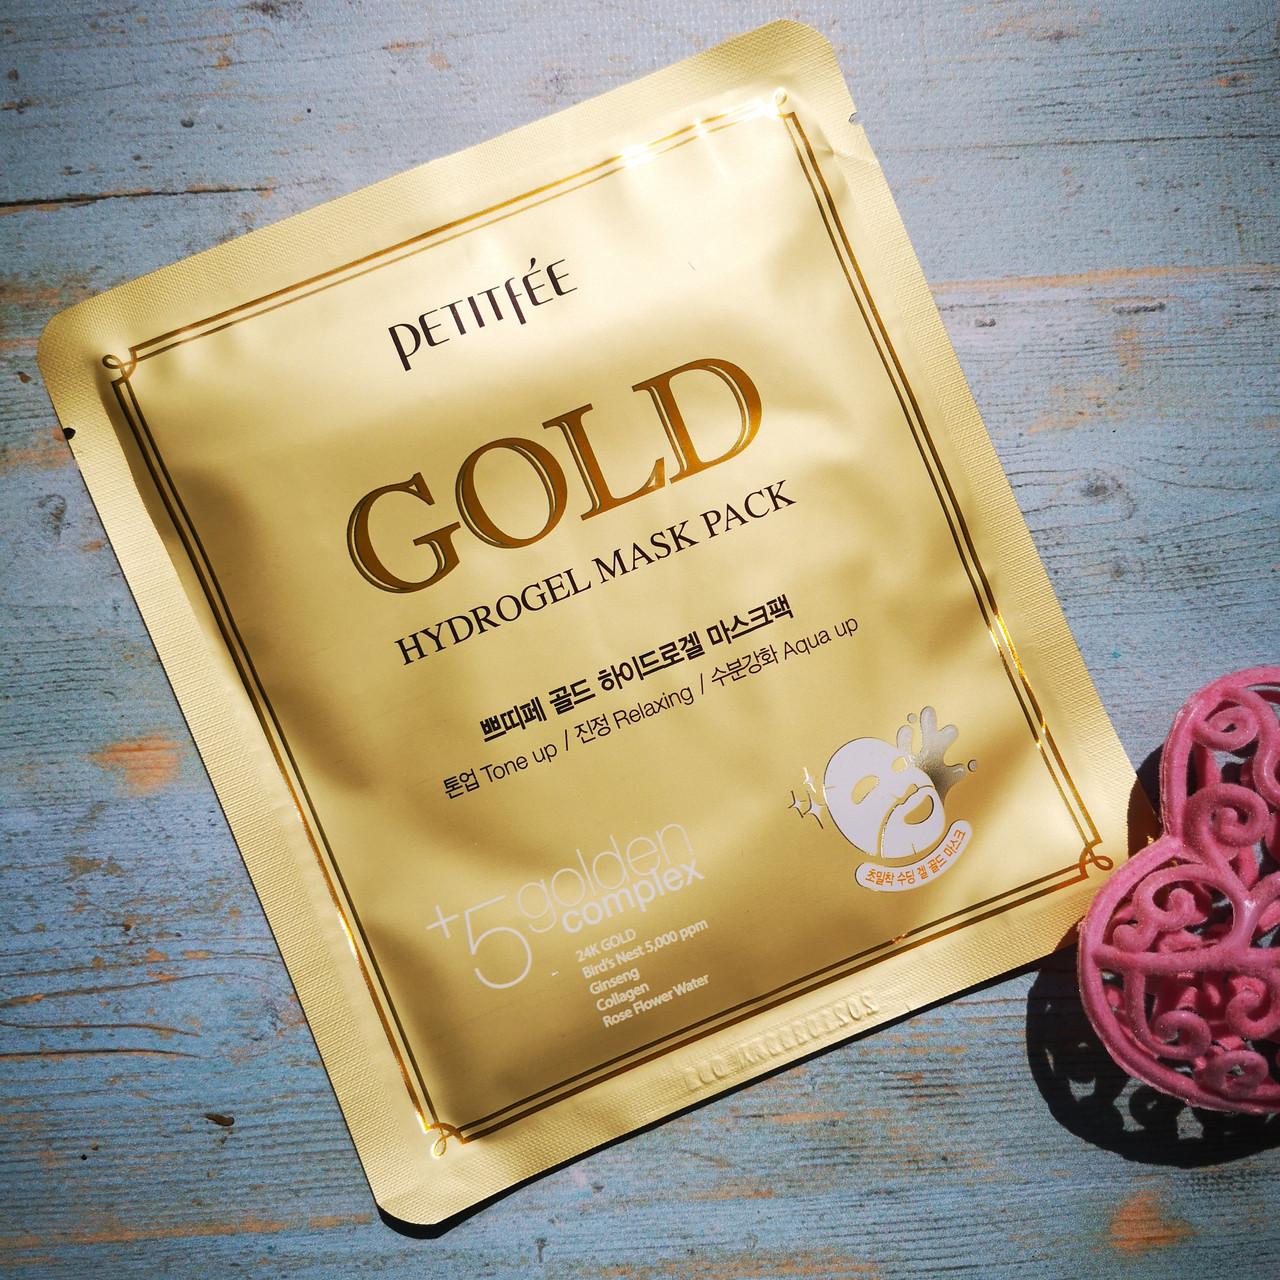 Petitfee Анти возрастные гидрогелевые маски с золотом Gold Hydrogel Mask Pack